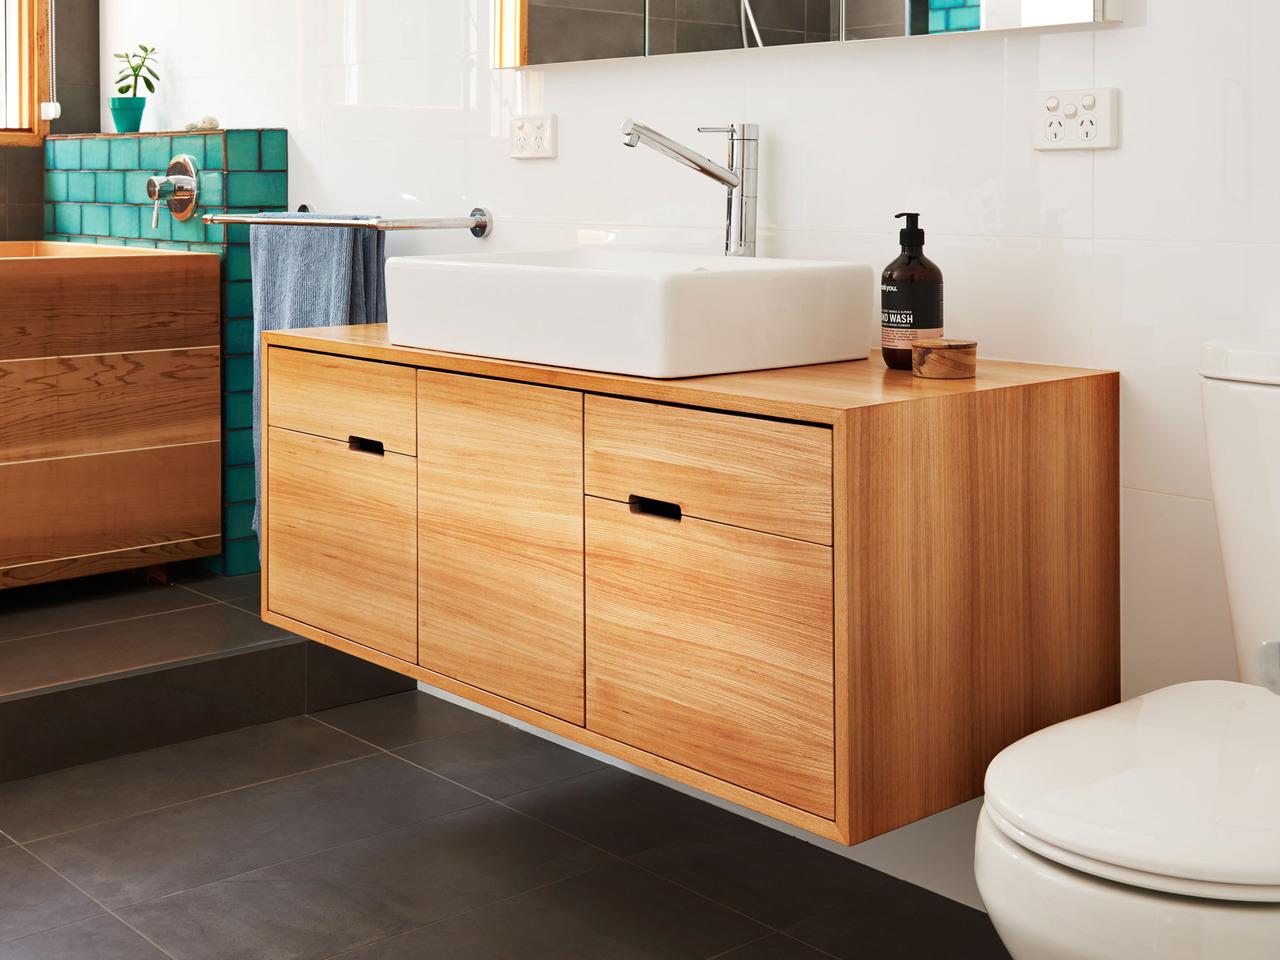 Bathroom Vanity By Auld Design Handkrafted